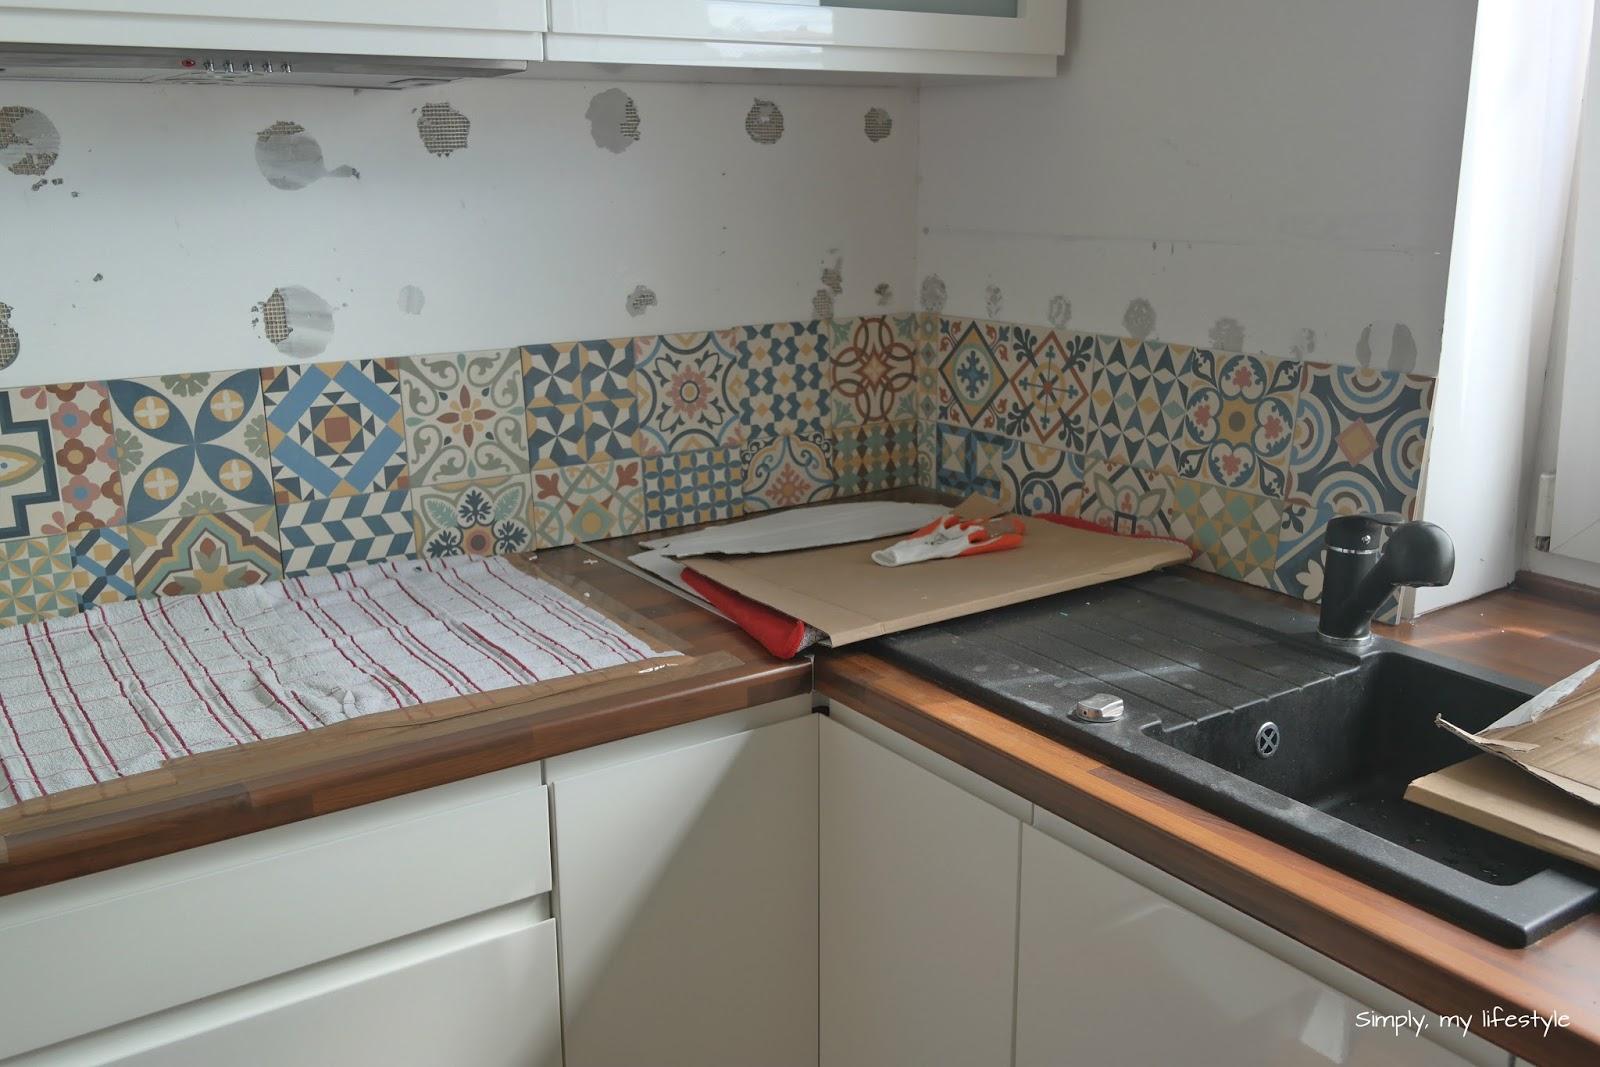 gres w kuchni czyli nowa stara kuchnia 15 zr243b to sam